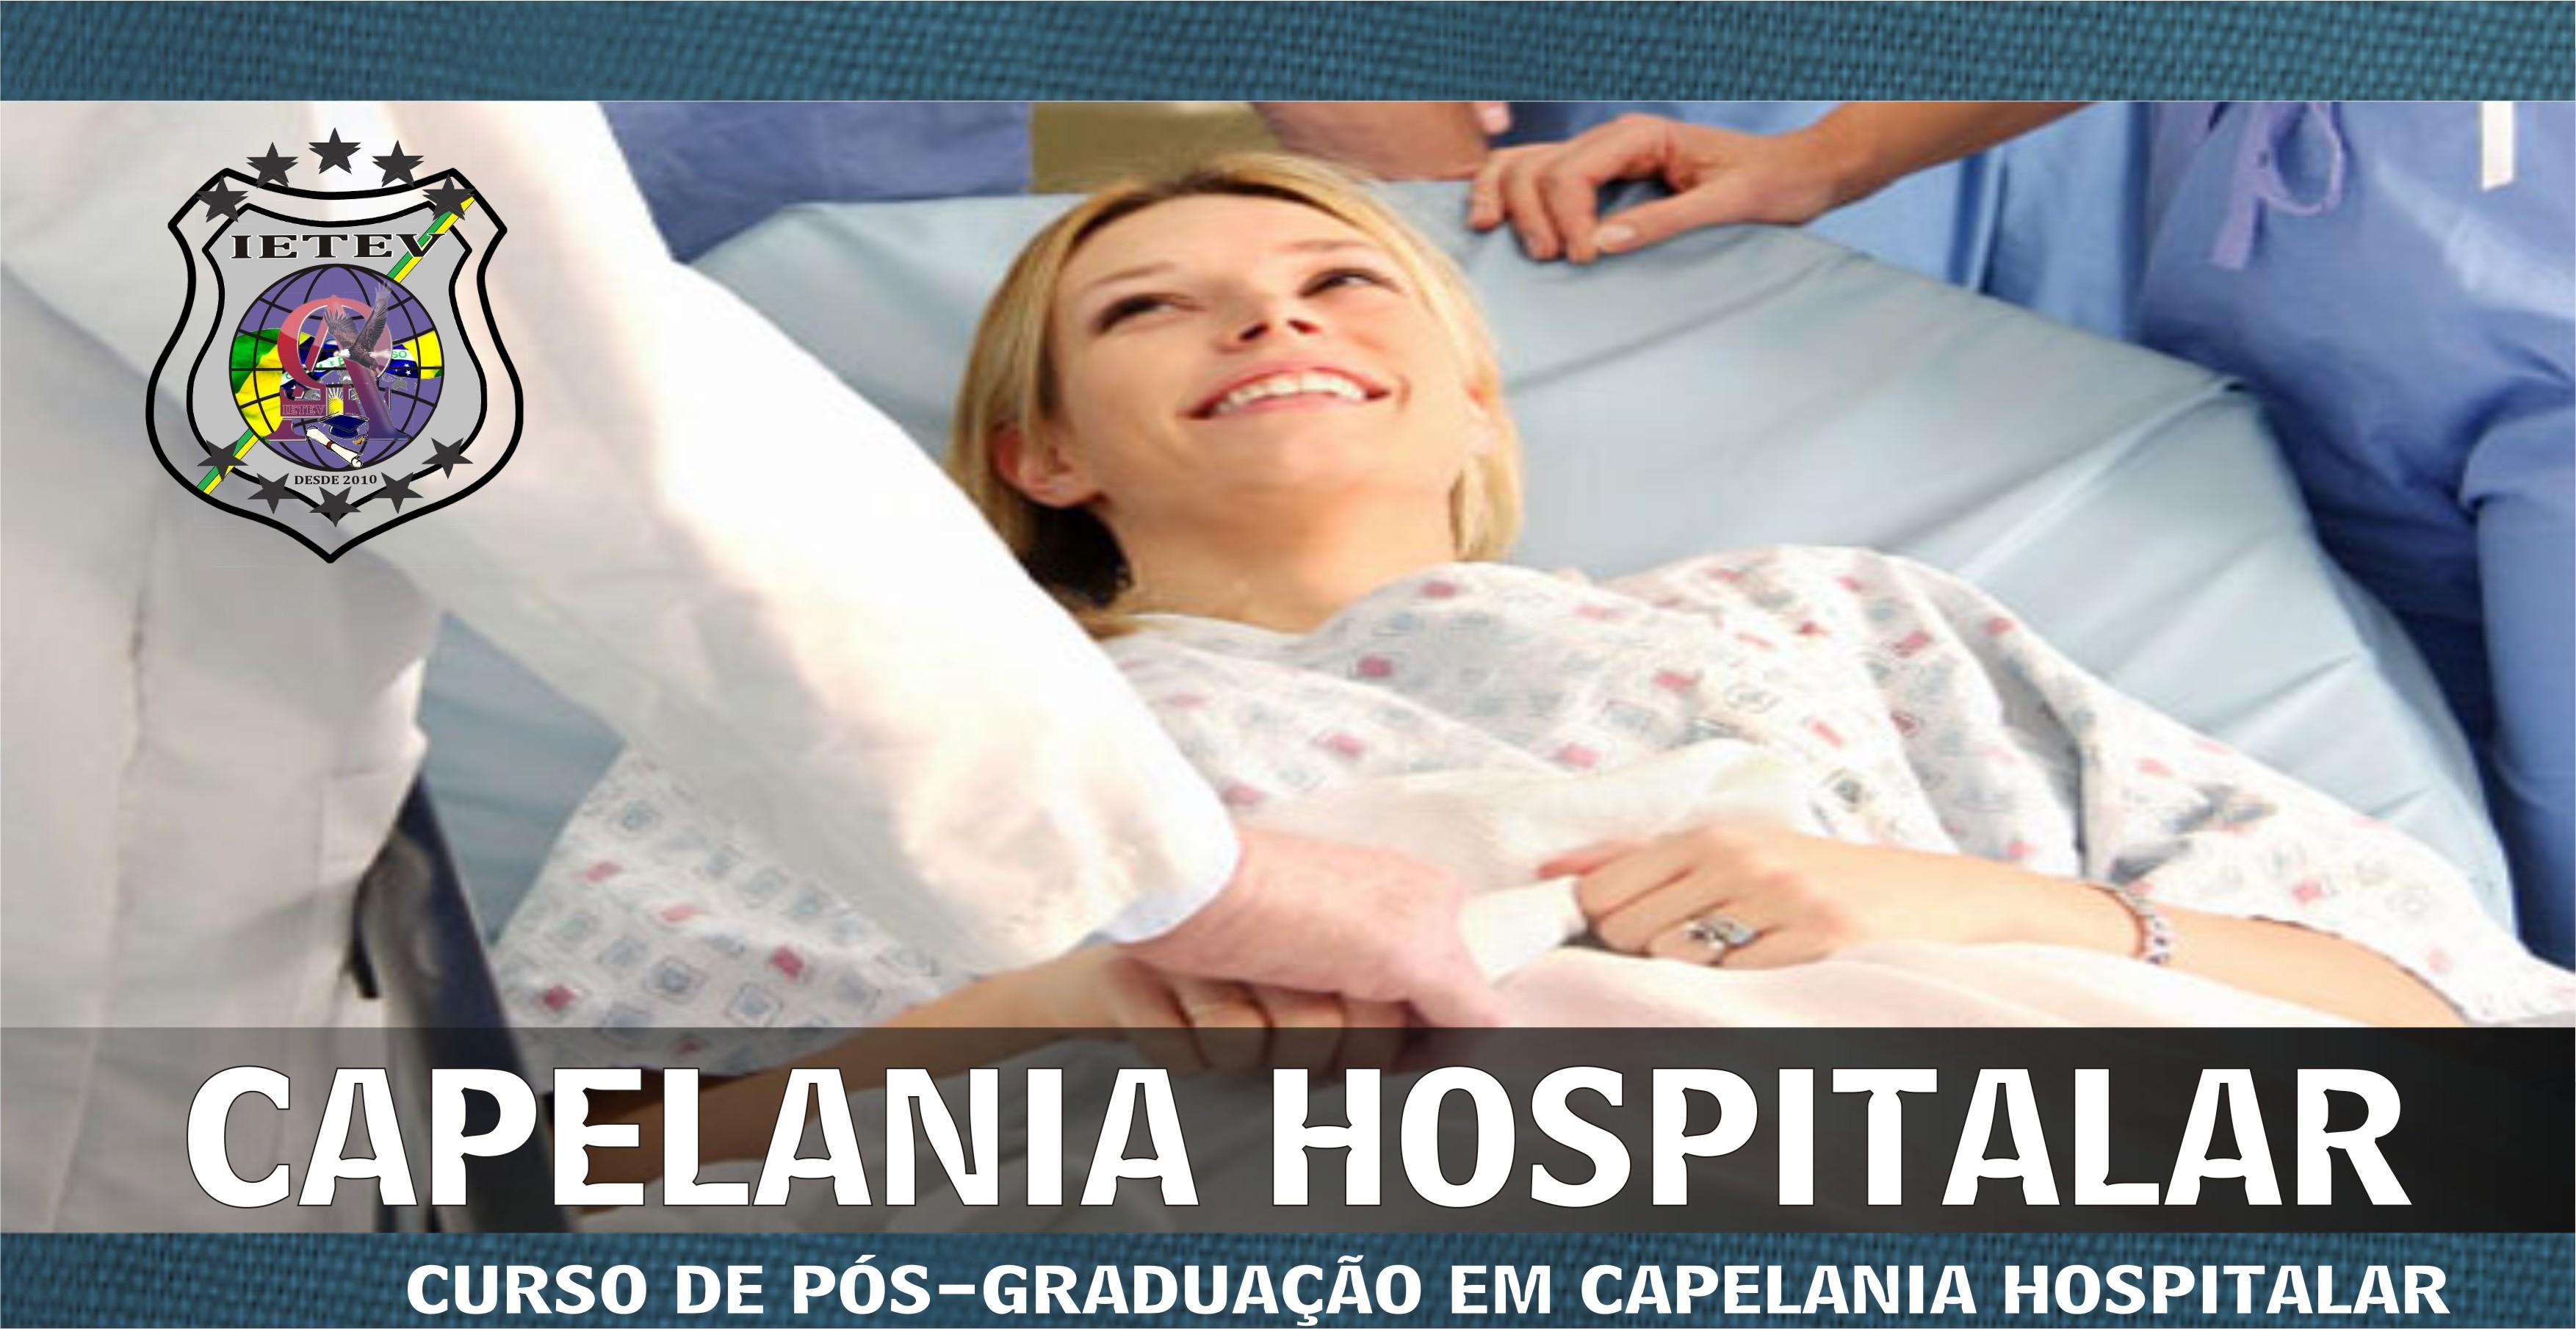 PÓS-GRADUAÇÃO EM CAPELANIA HOSPITALAR